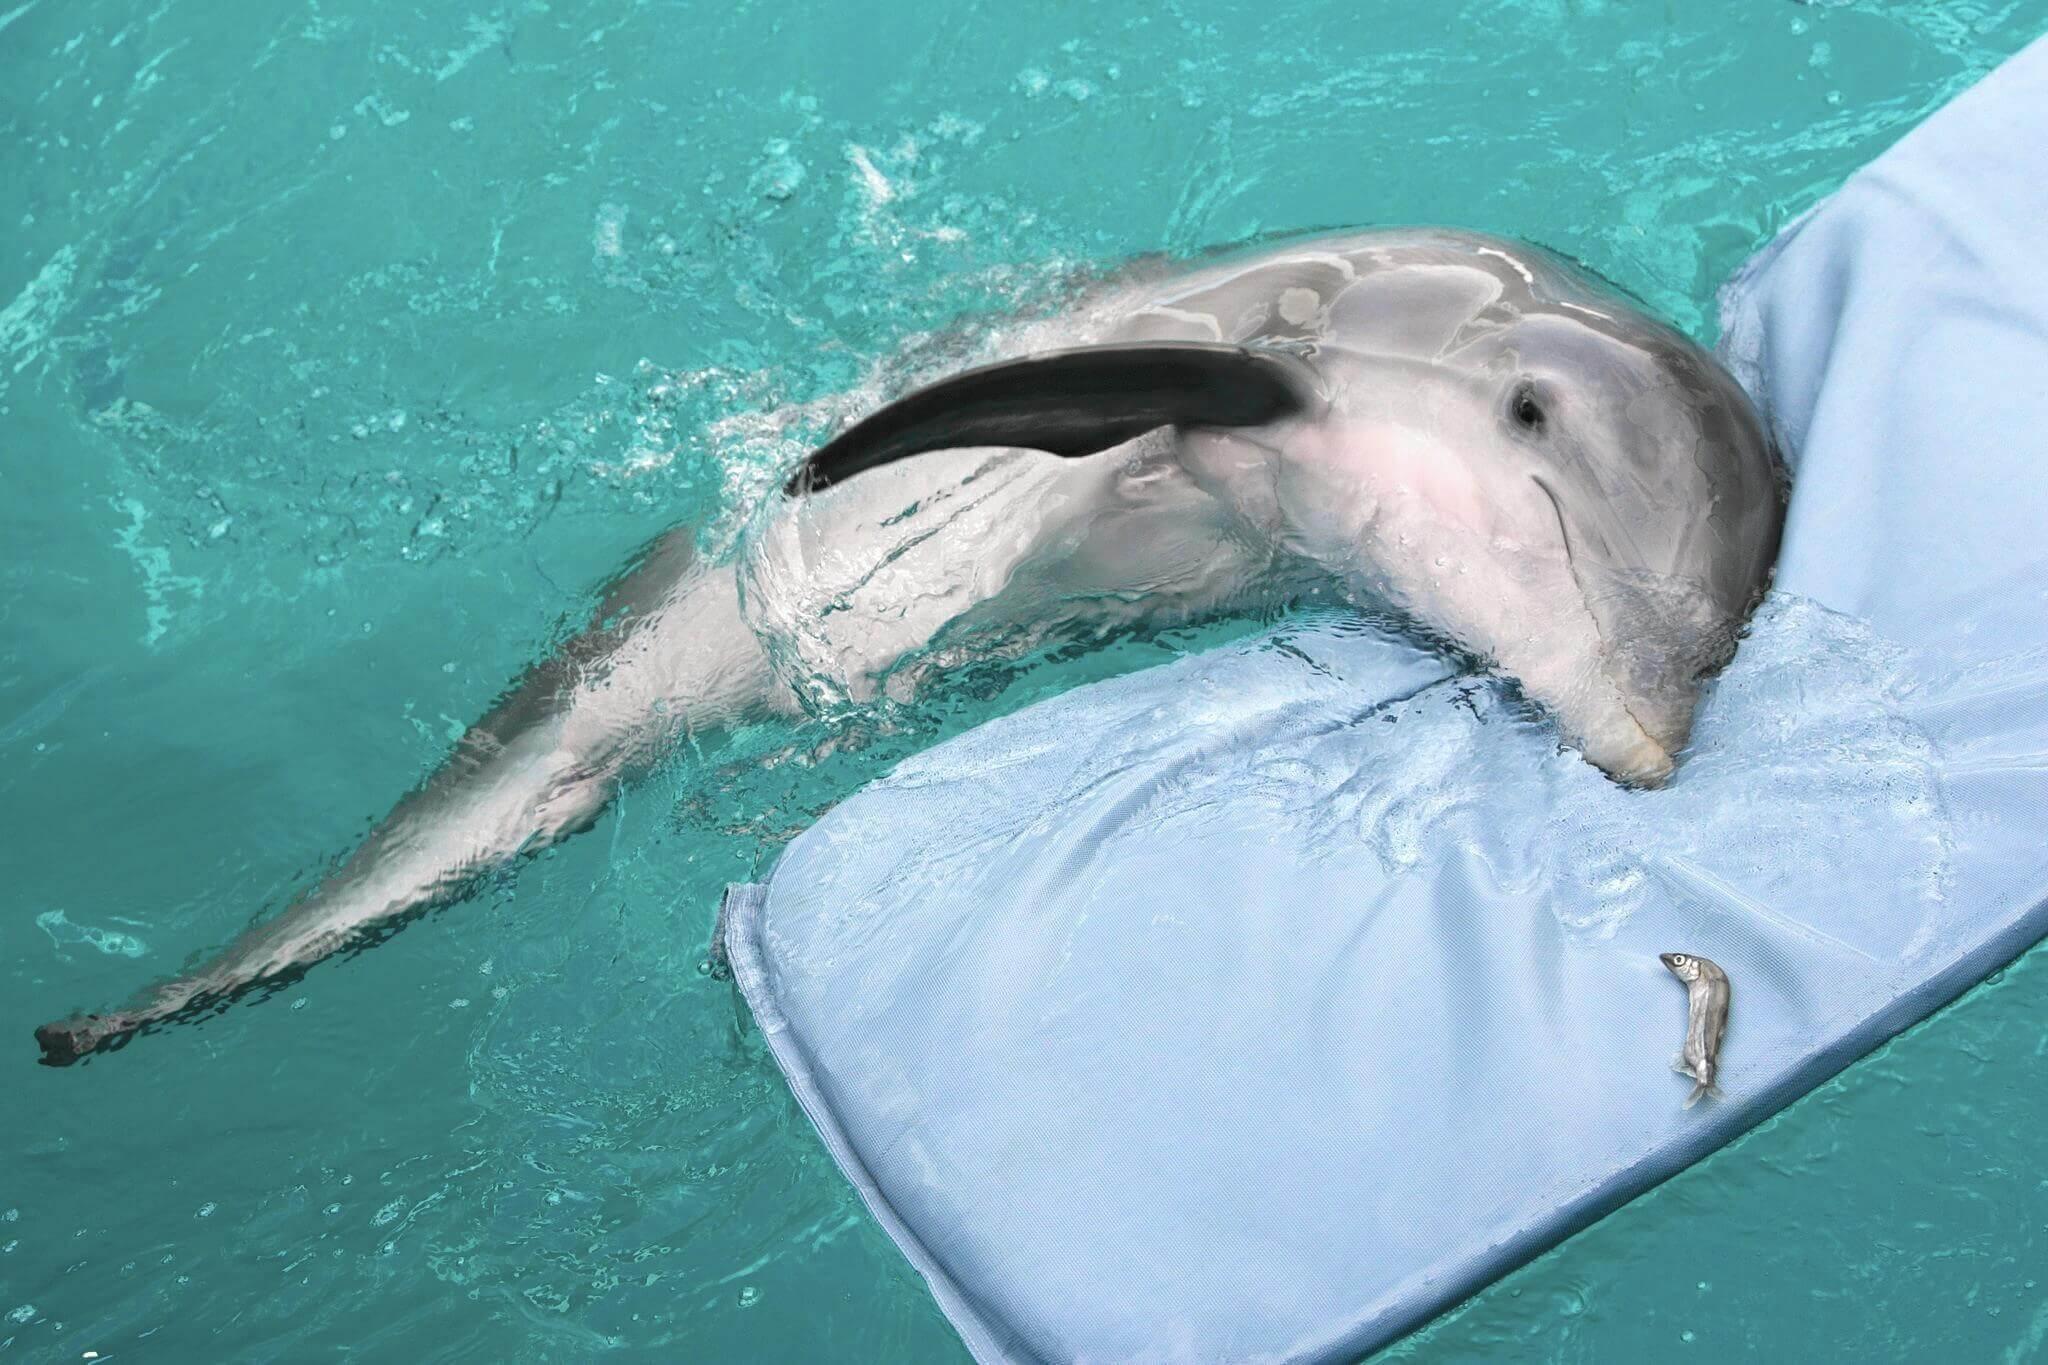 História real de Winter: o golfinho que perdeu a nadadeira